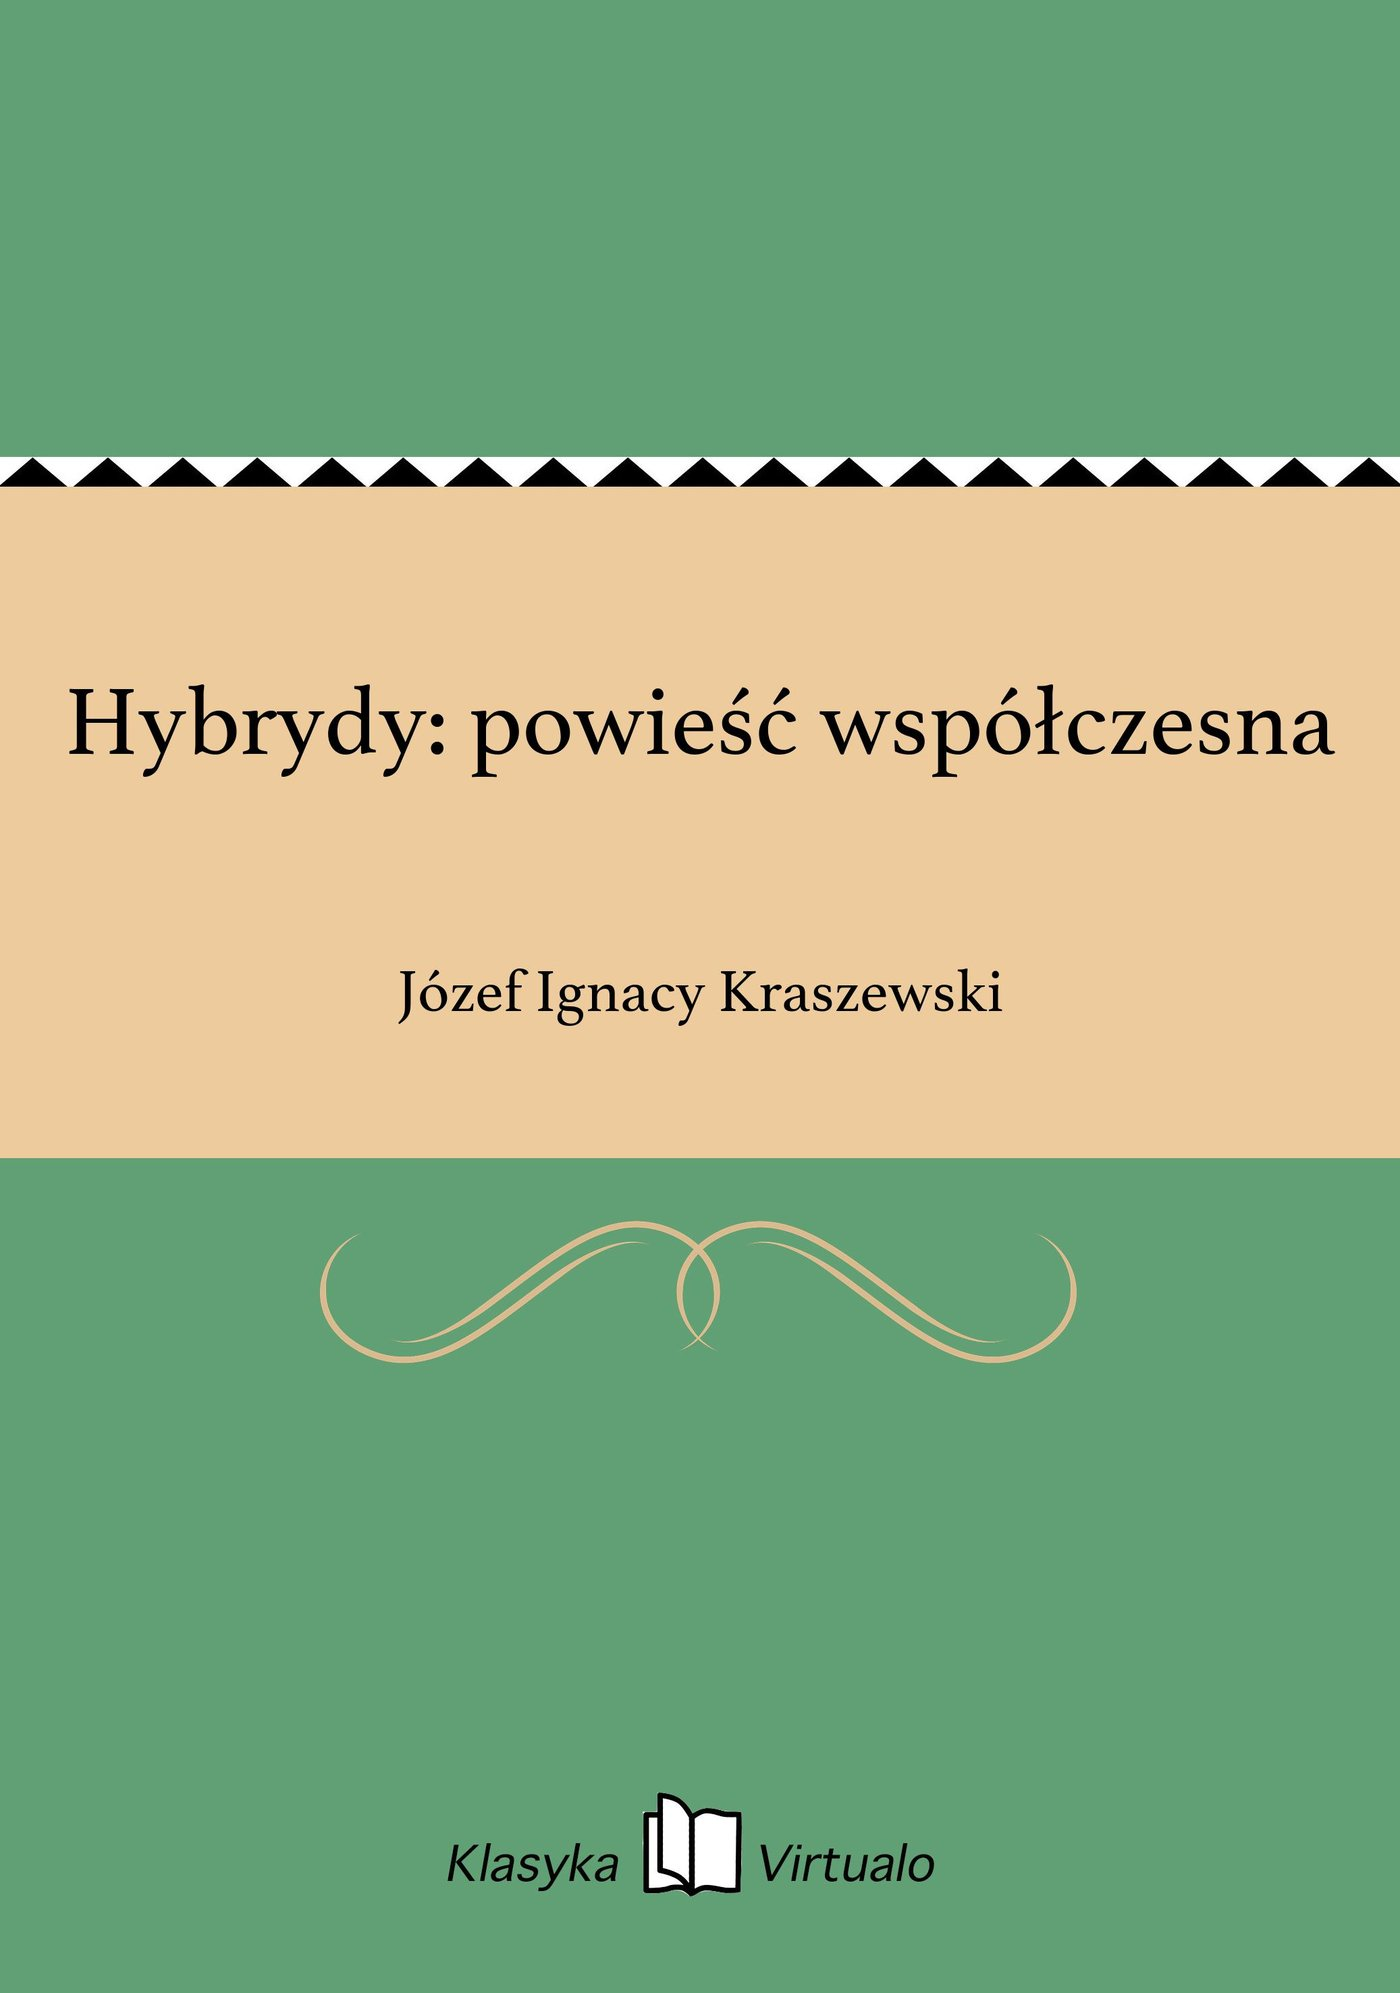 Hybrydy: powieść współczesna - Ebook (Książka EPUB) do pobrania w formacie EPUB